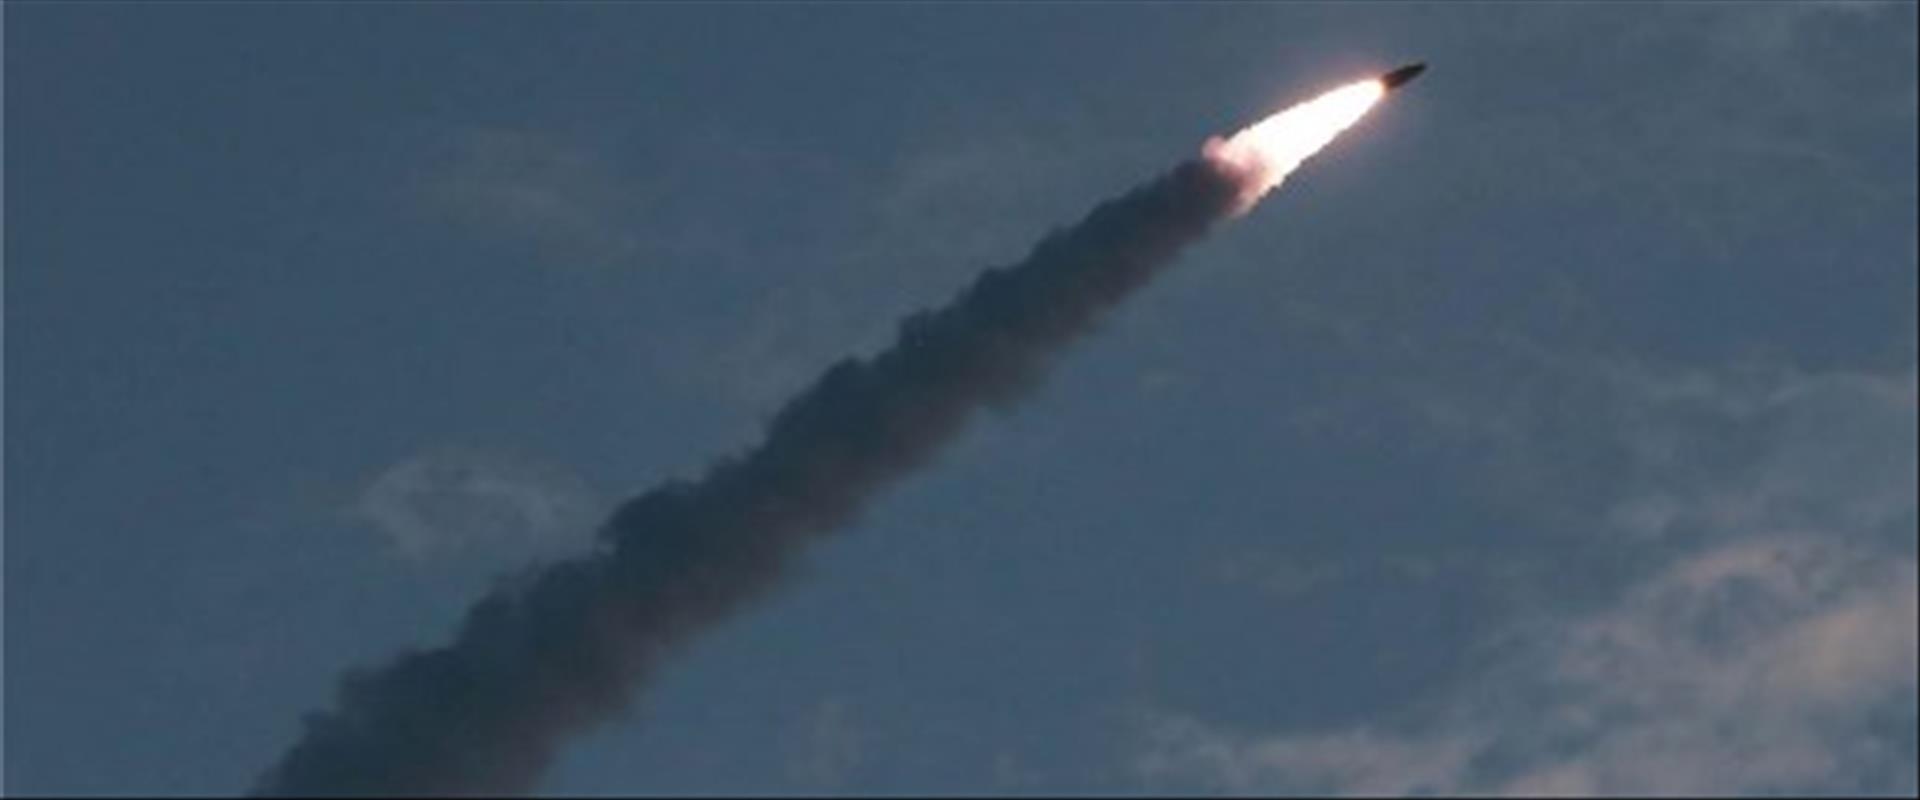 ניסוי טילים של קוריאה הצפונית מהחודש האחרון